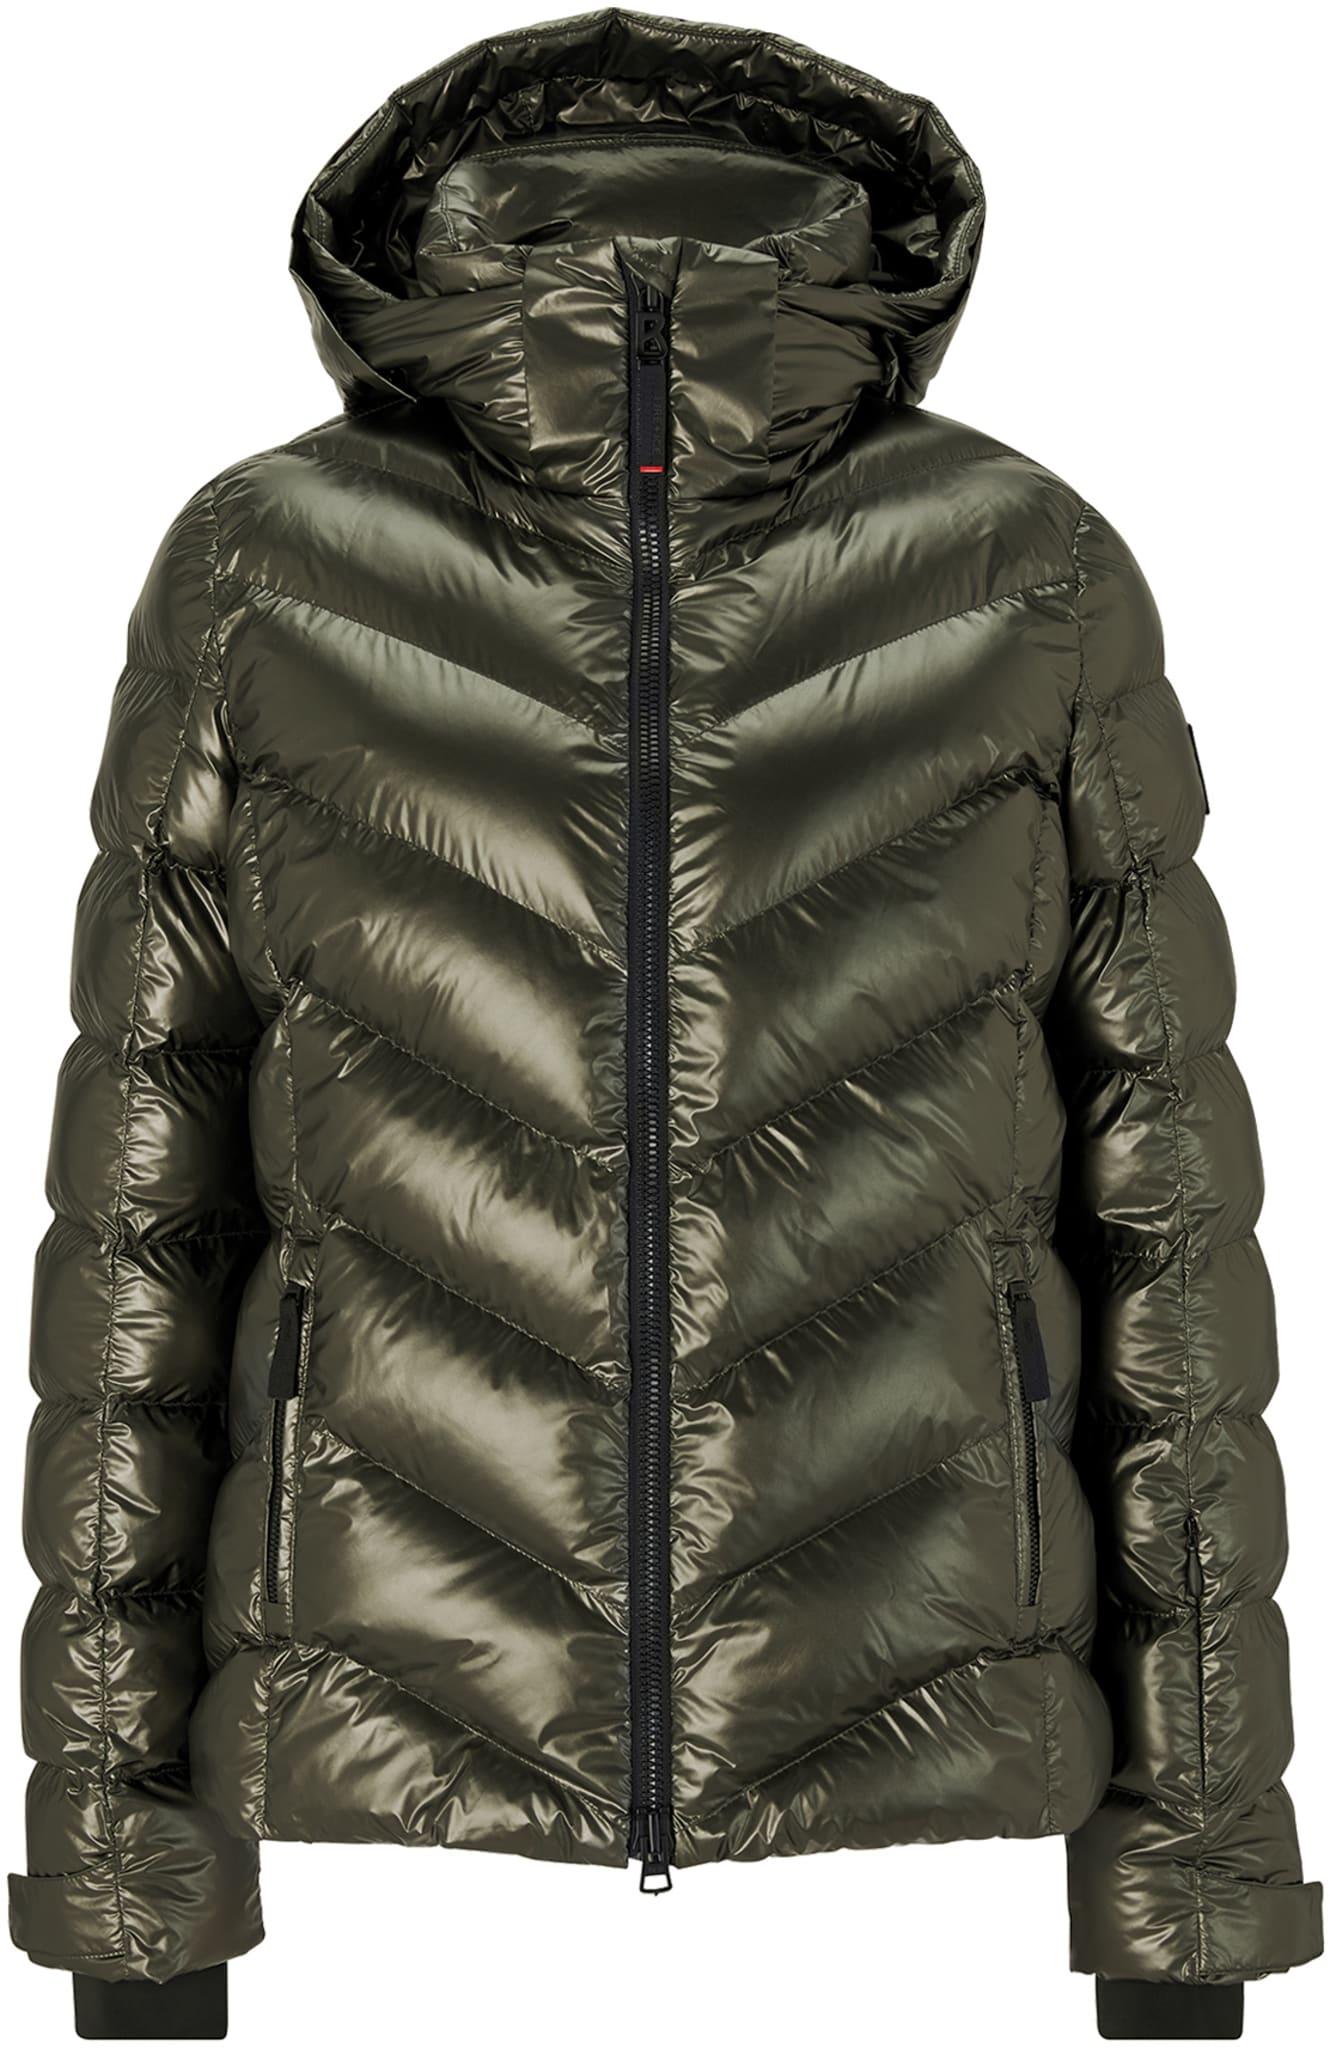 Varm jakke i mykt nylonmateriale med glanset belegg